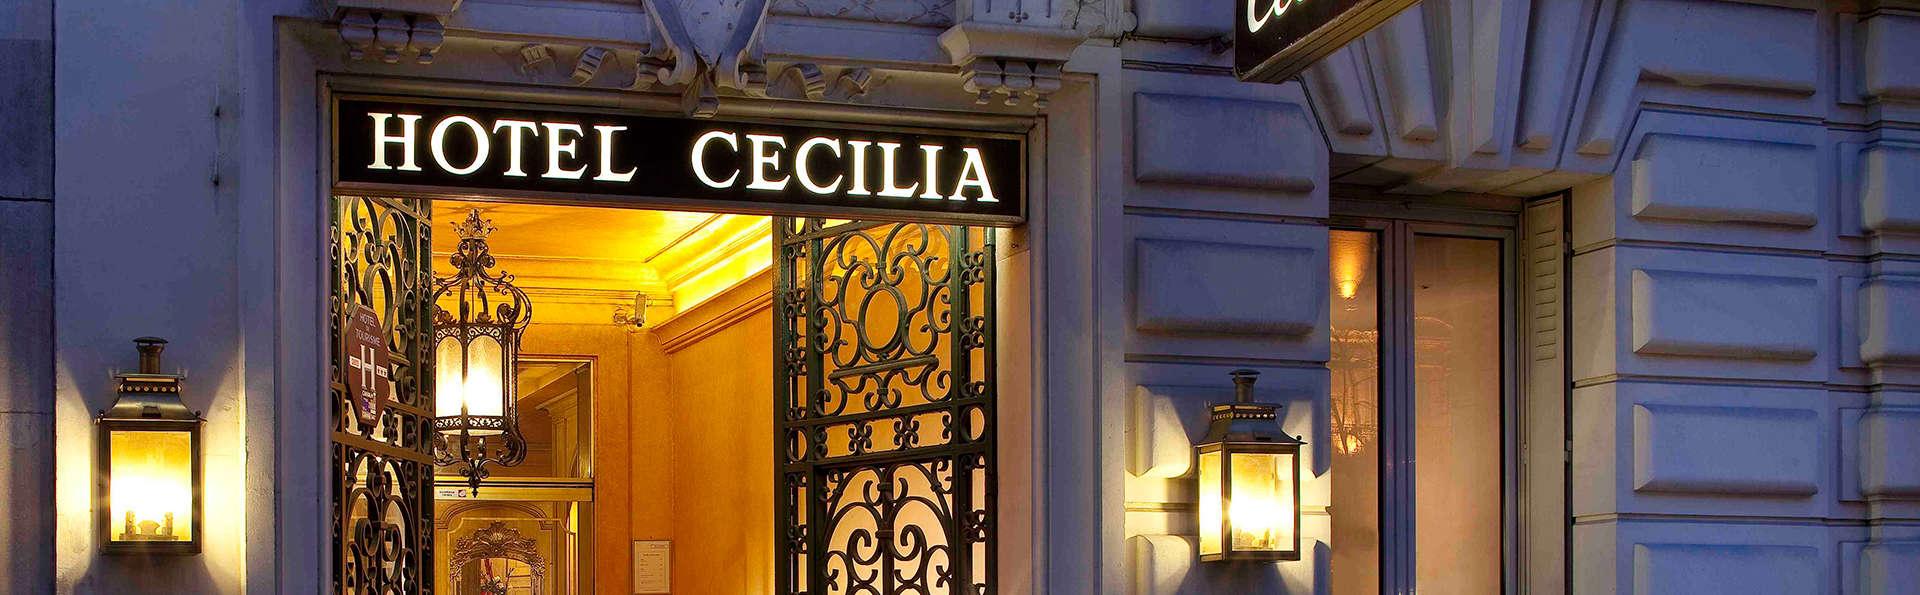 Hôtel Cécilia - EDIT_front.jpg